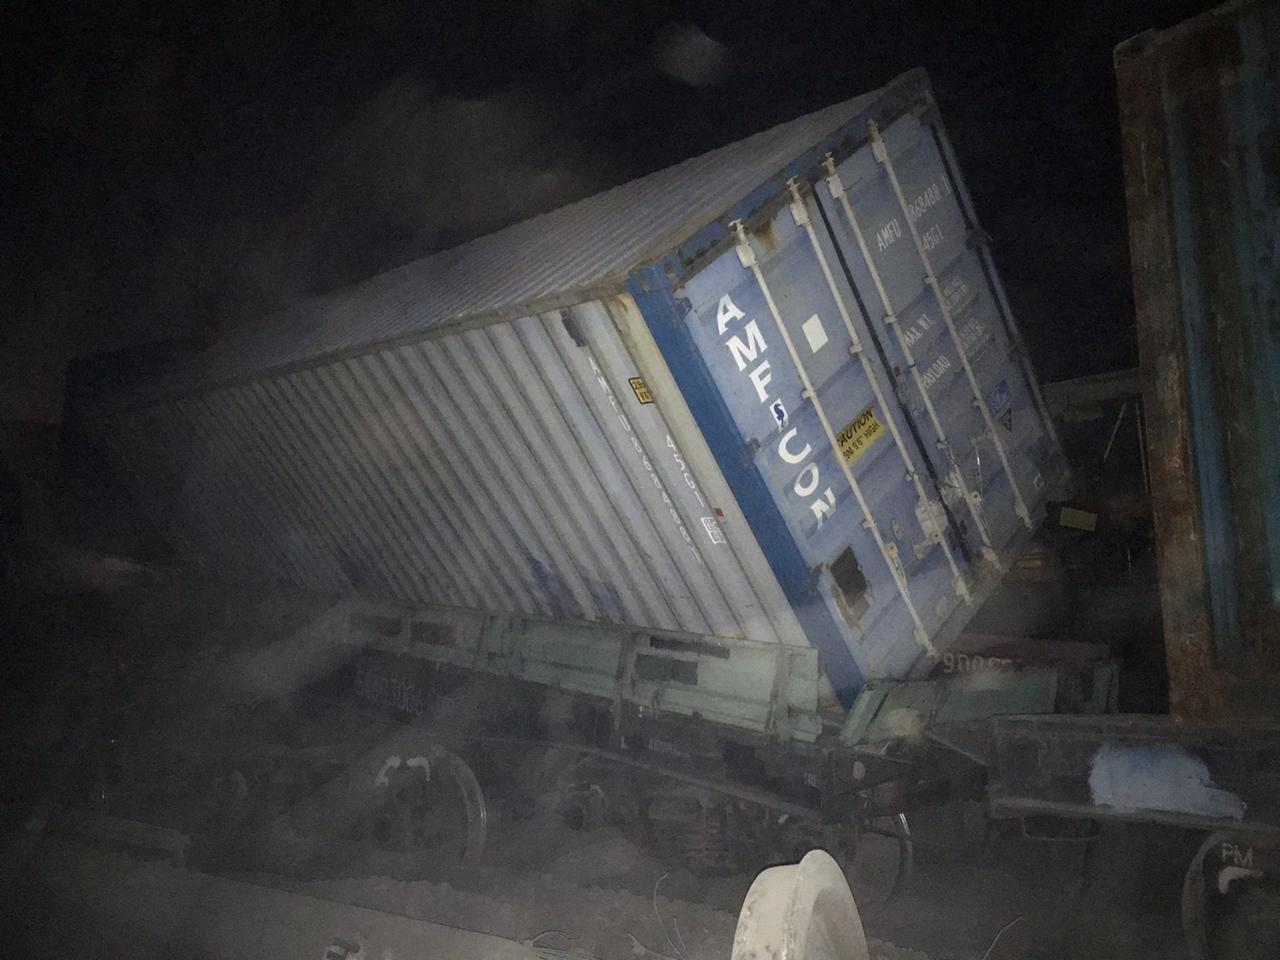 Сход 13 вагонов с опрокидыванием произошел в Шымкенте. Пострадавших нет, фото-2, Пресс-служба МЧС РК